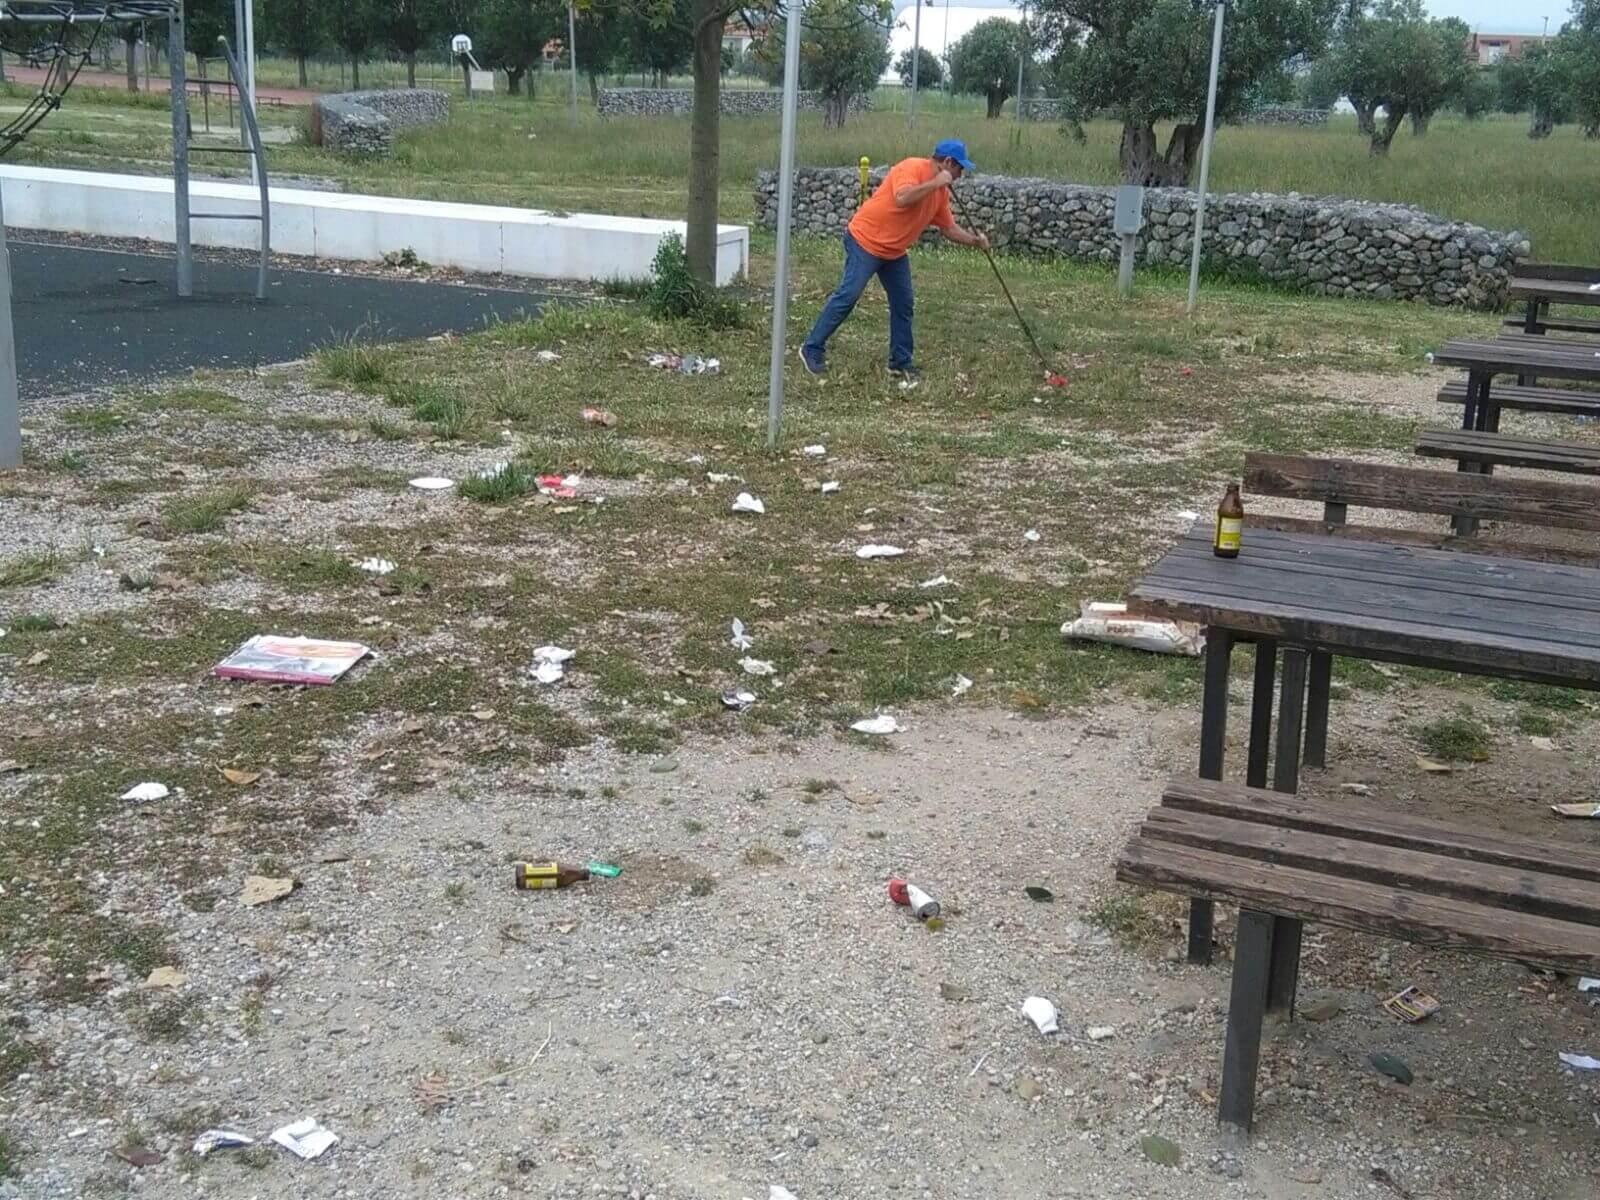 Associazione Ama Lamezia e non solo pulisce parco Impastato